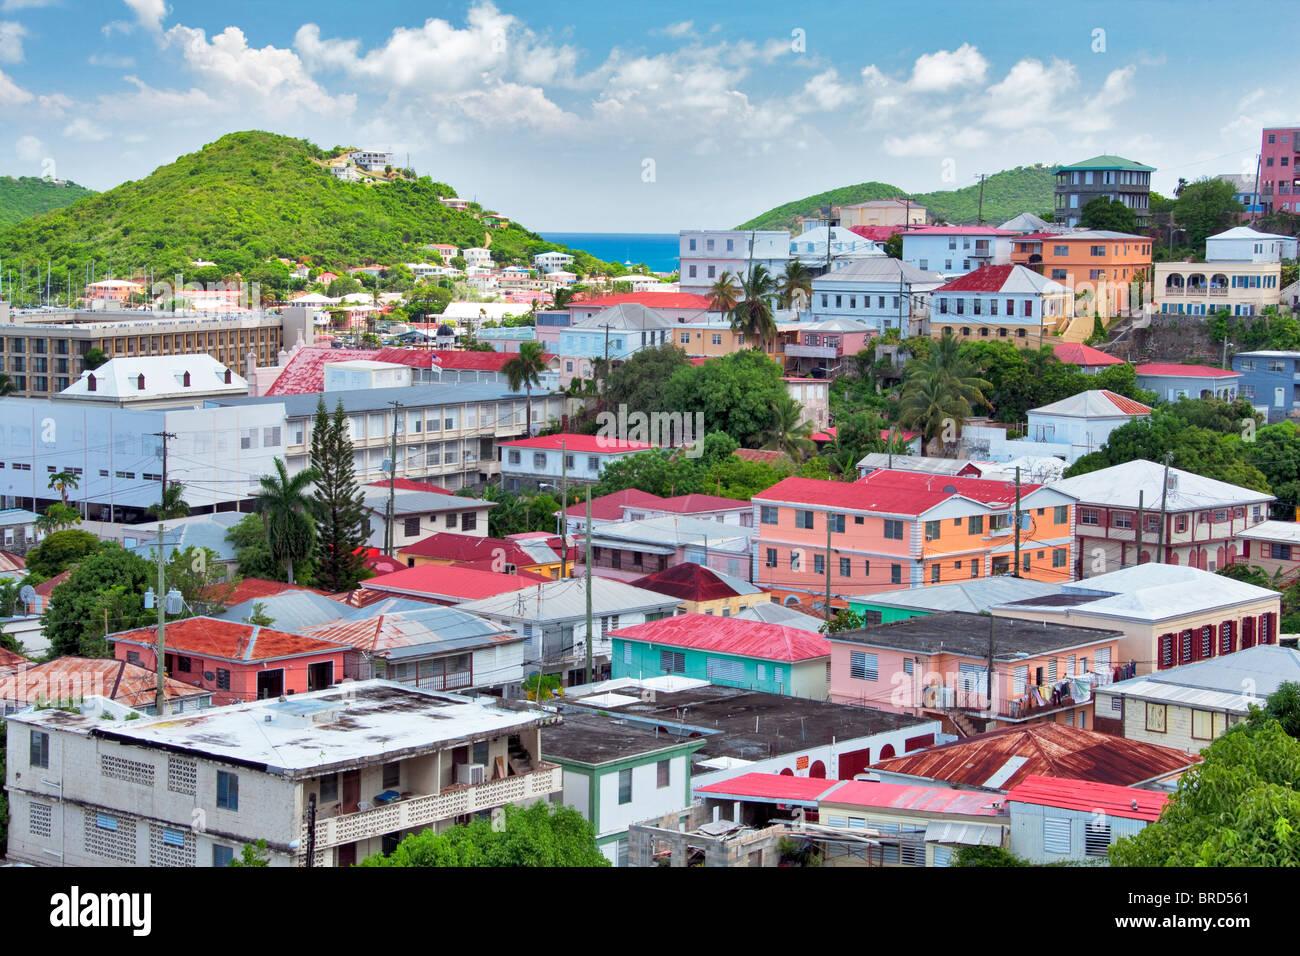 Virgin Islands Foreclosures - Foreclosures in Virgin Islands